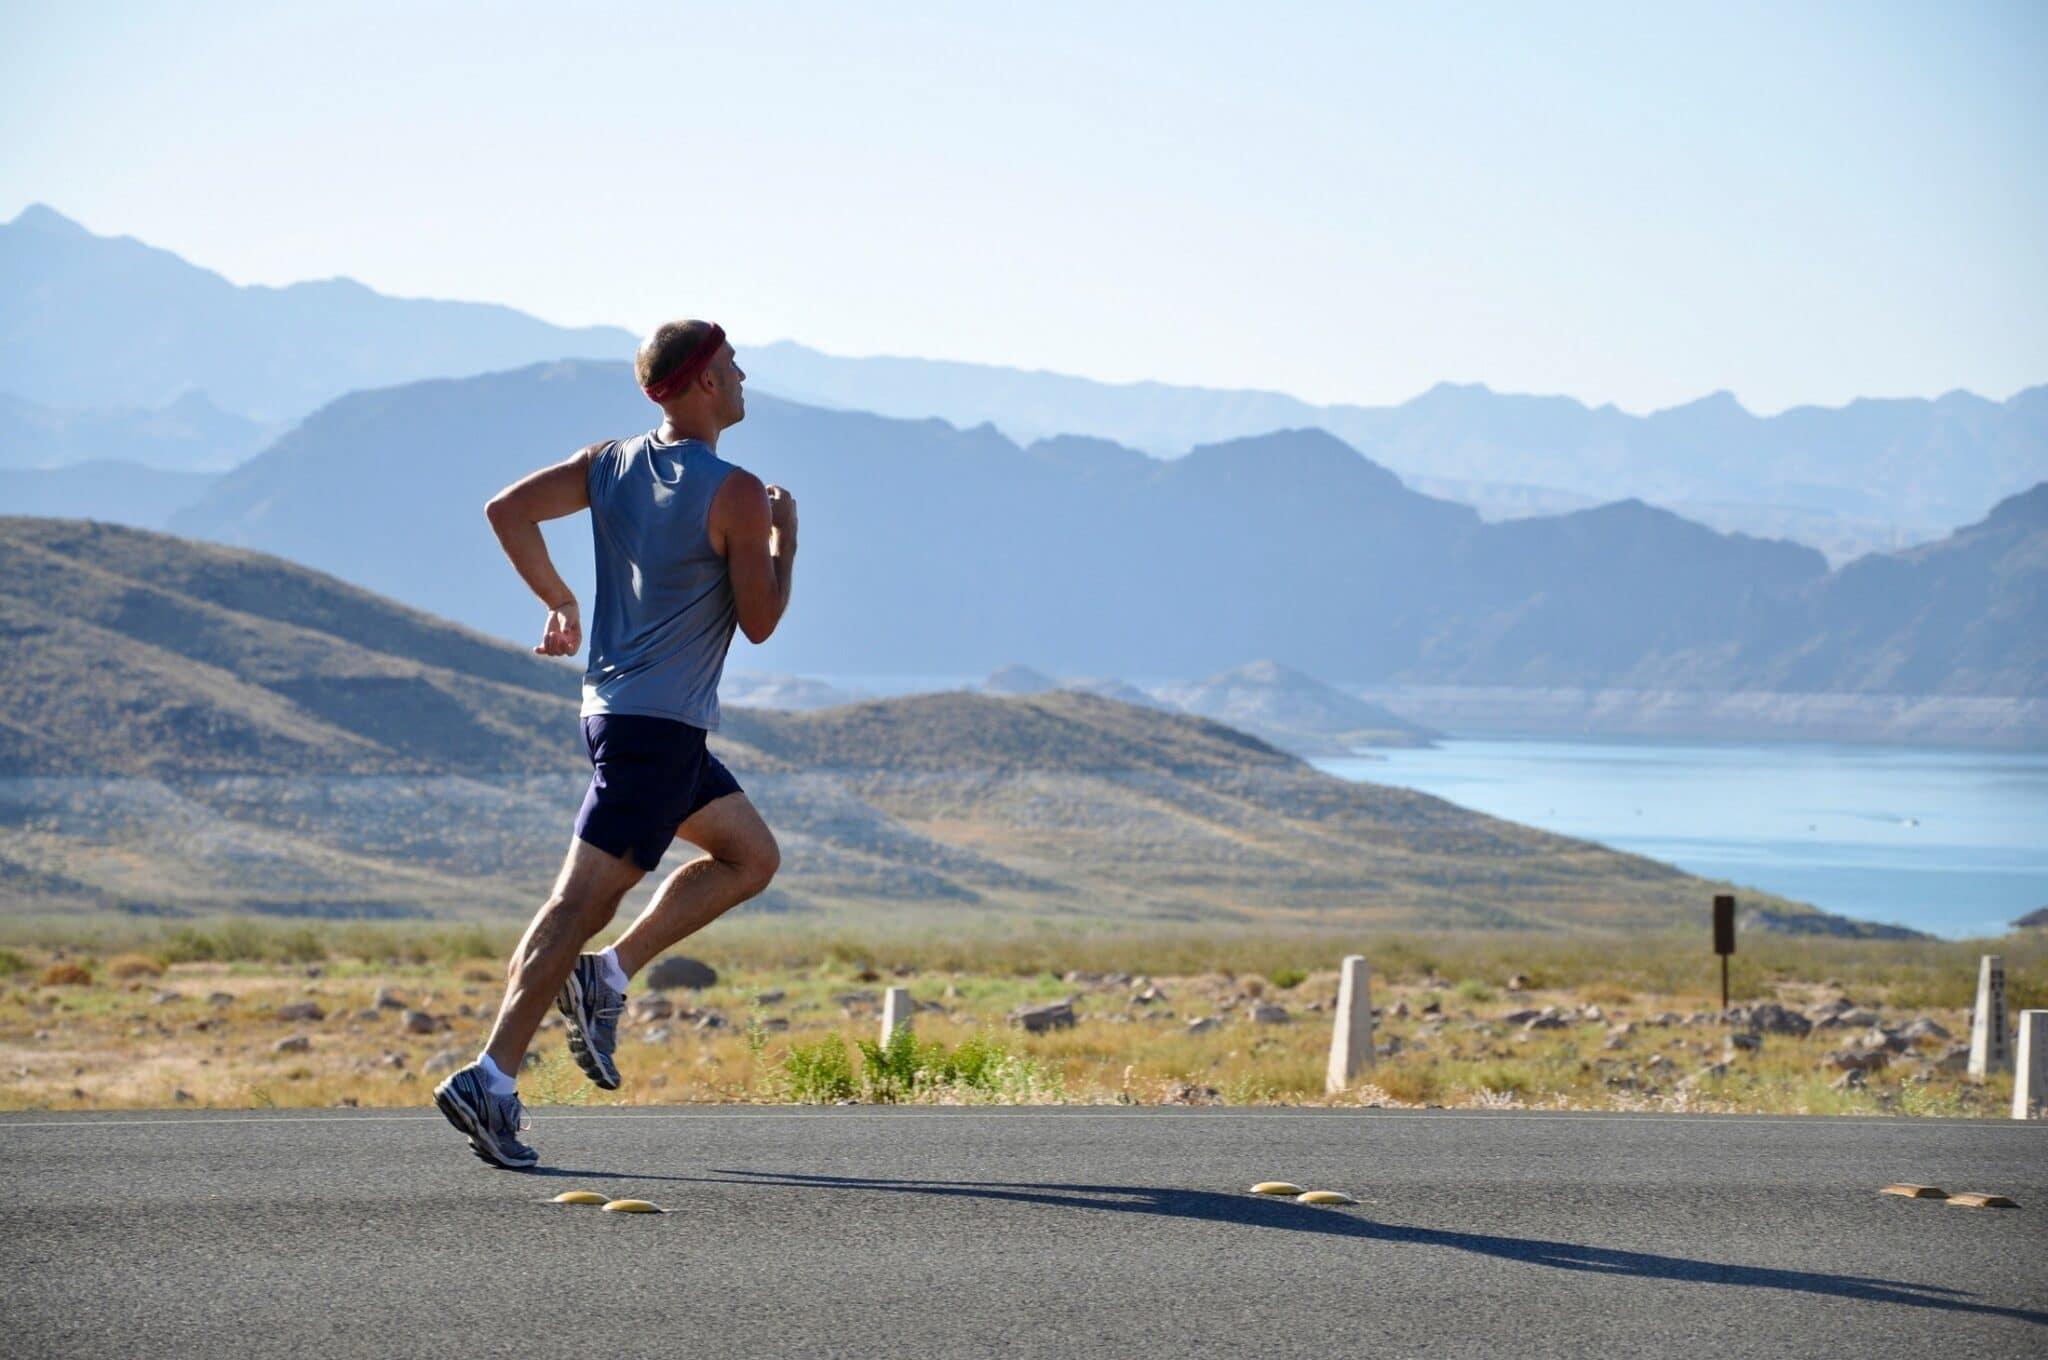 adventure-athlete-athletic-235922 (1)